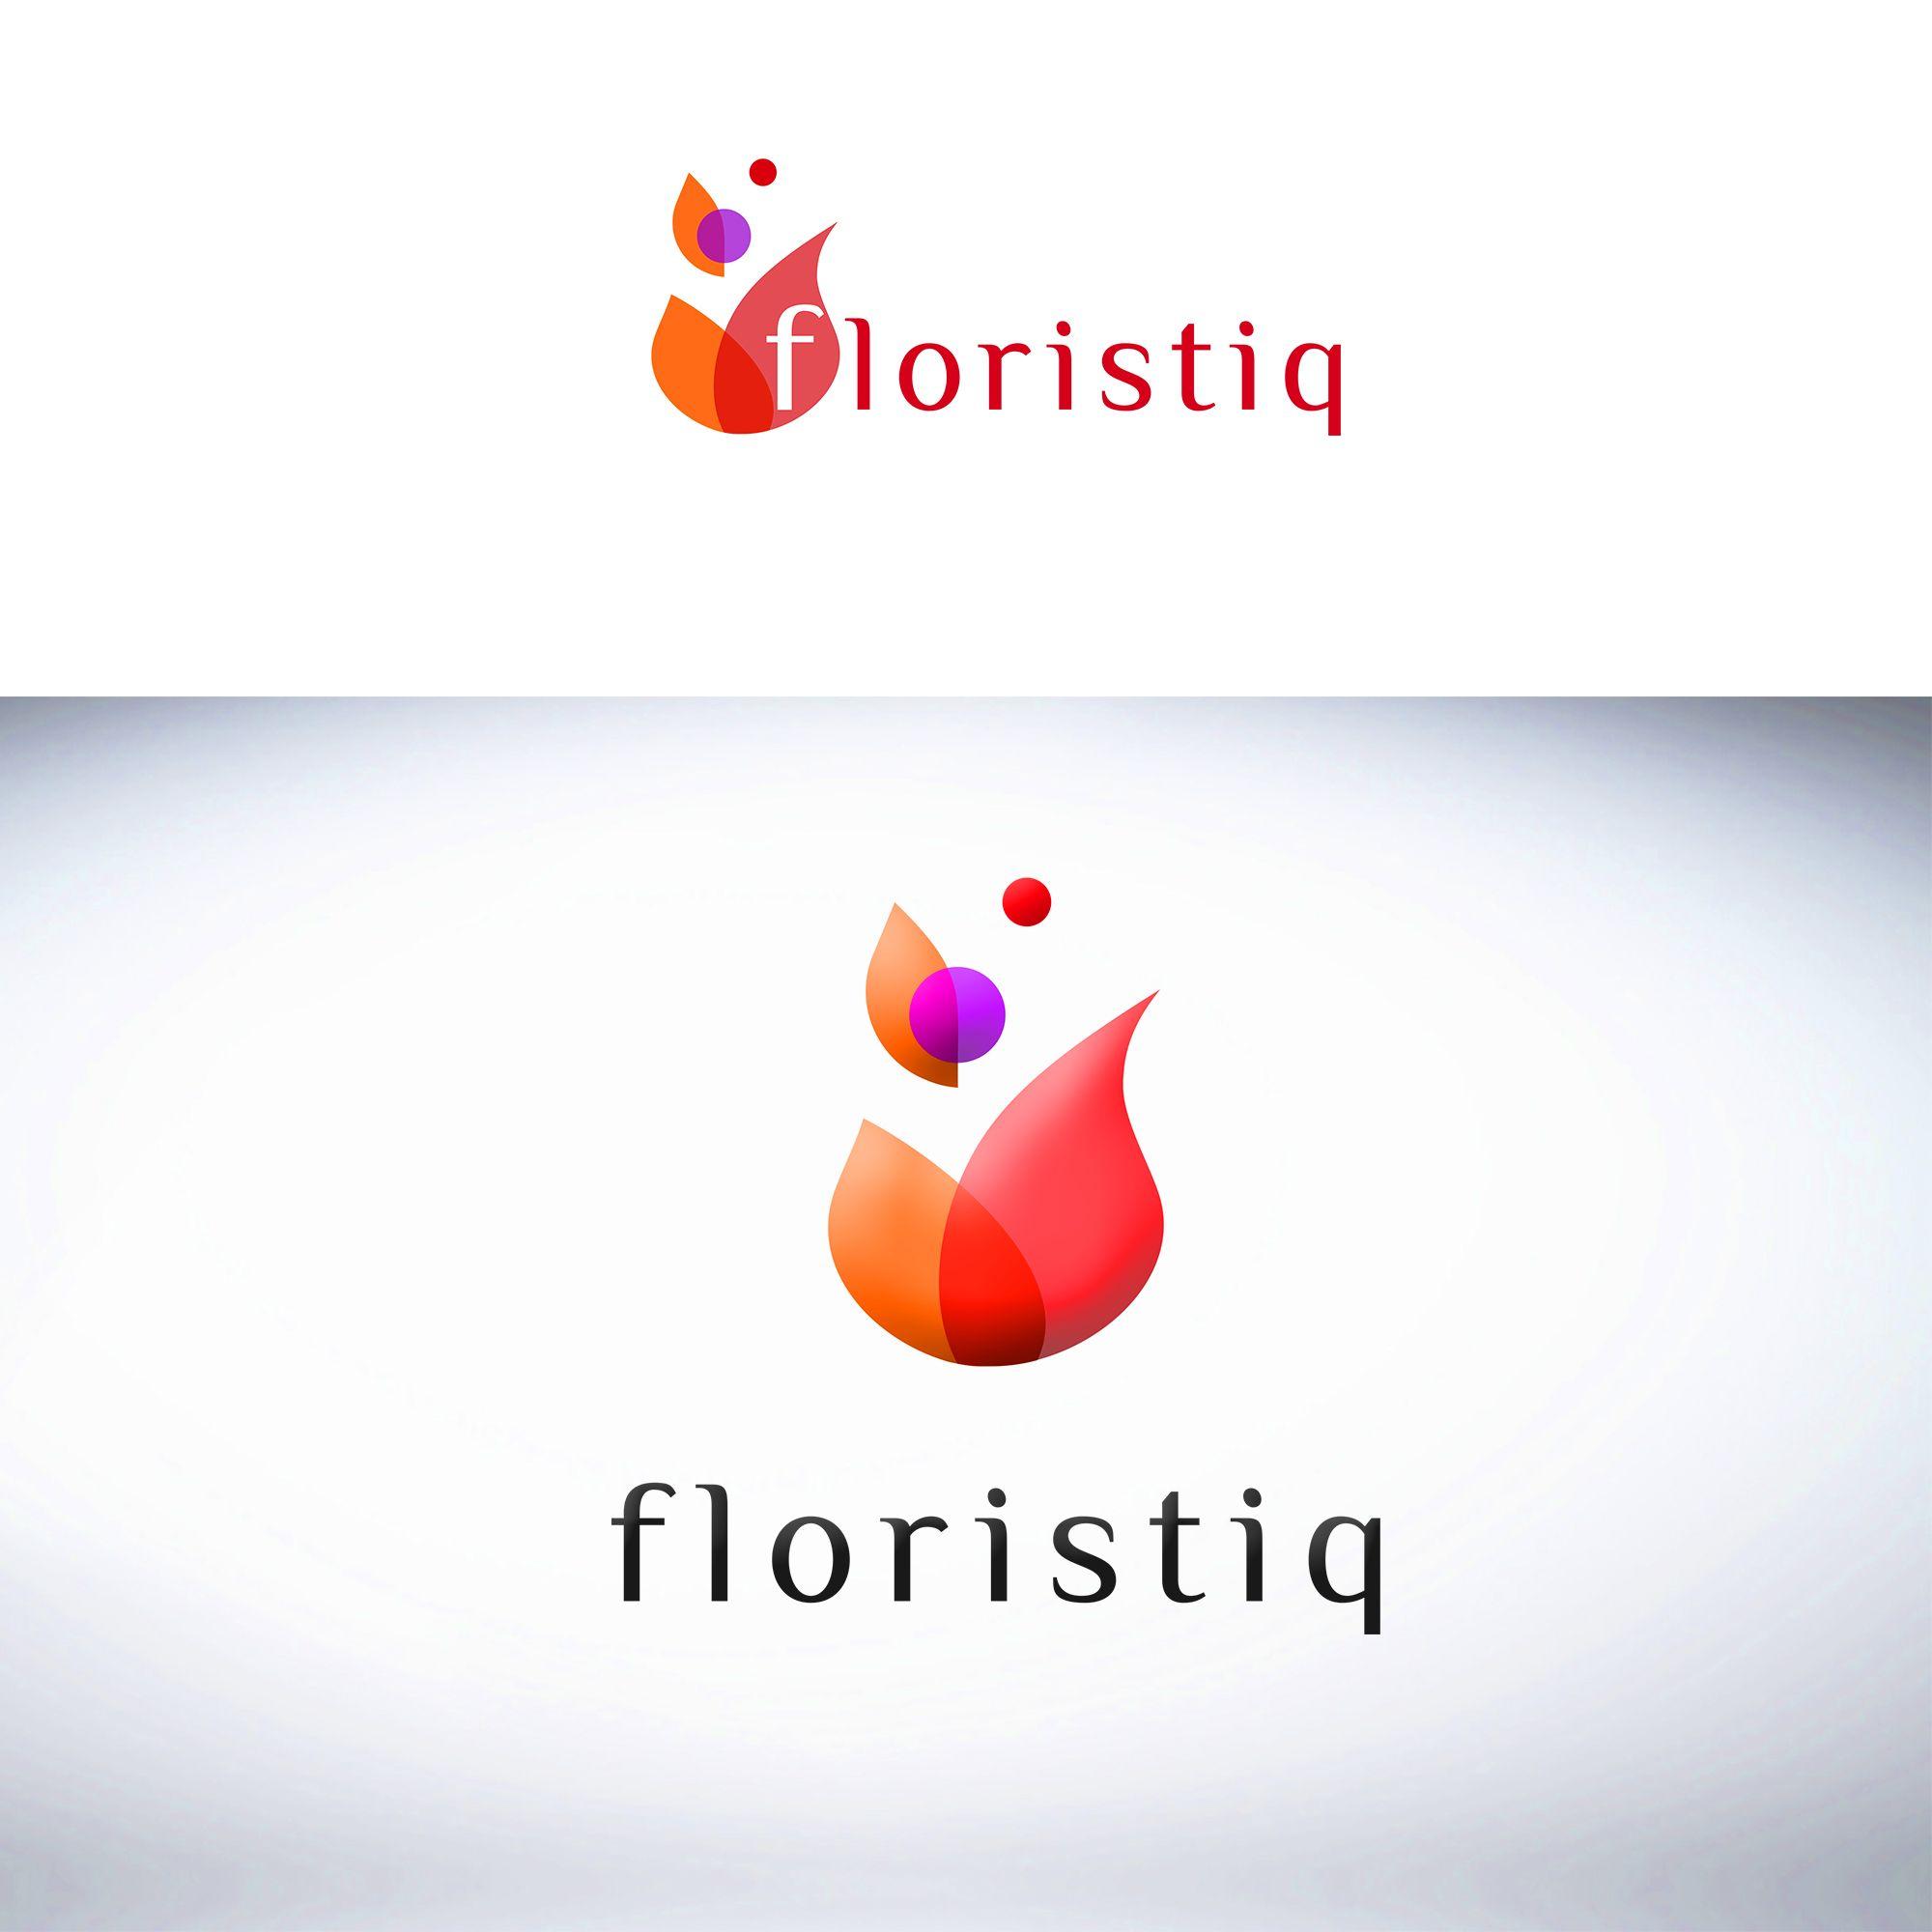 Логотип и фирм. стиль цветочного салона - дизайнер Anna_Zhura